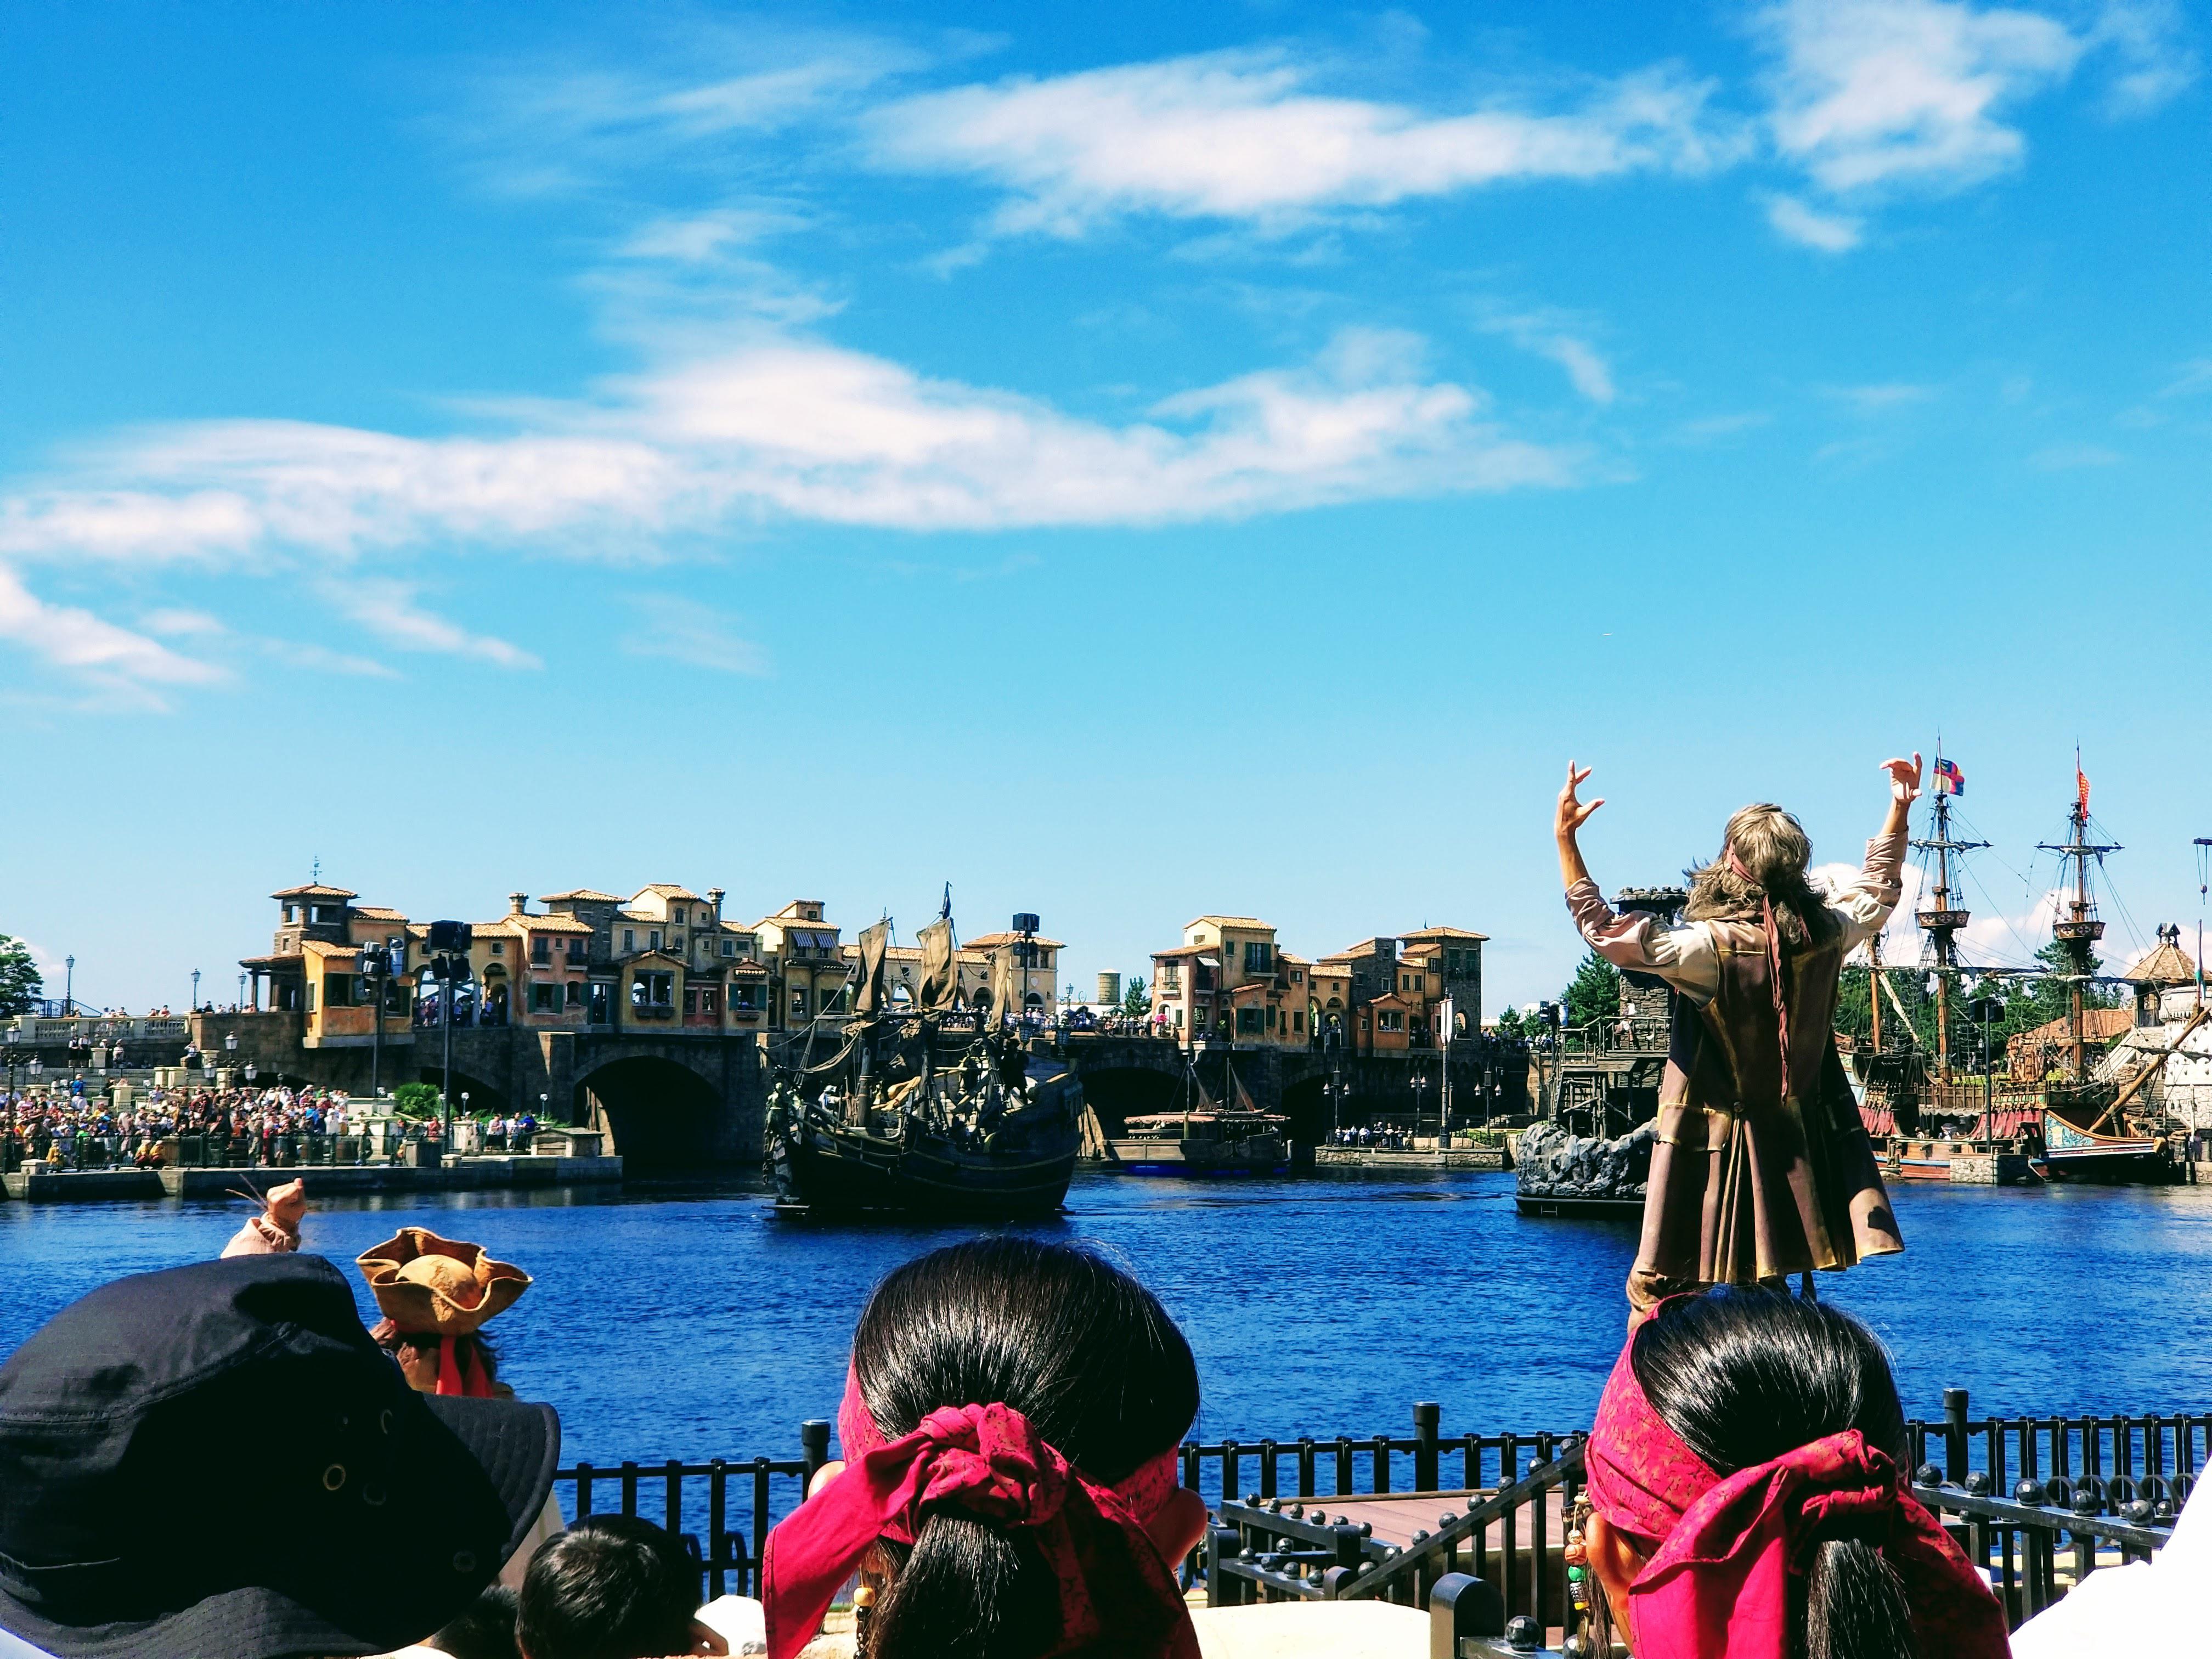 東京ディズニーシー メディテレーニアンハーバー 海賊